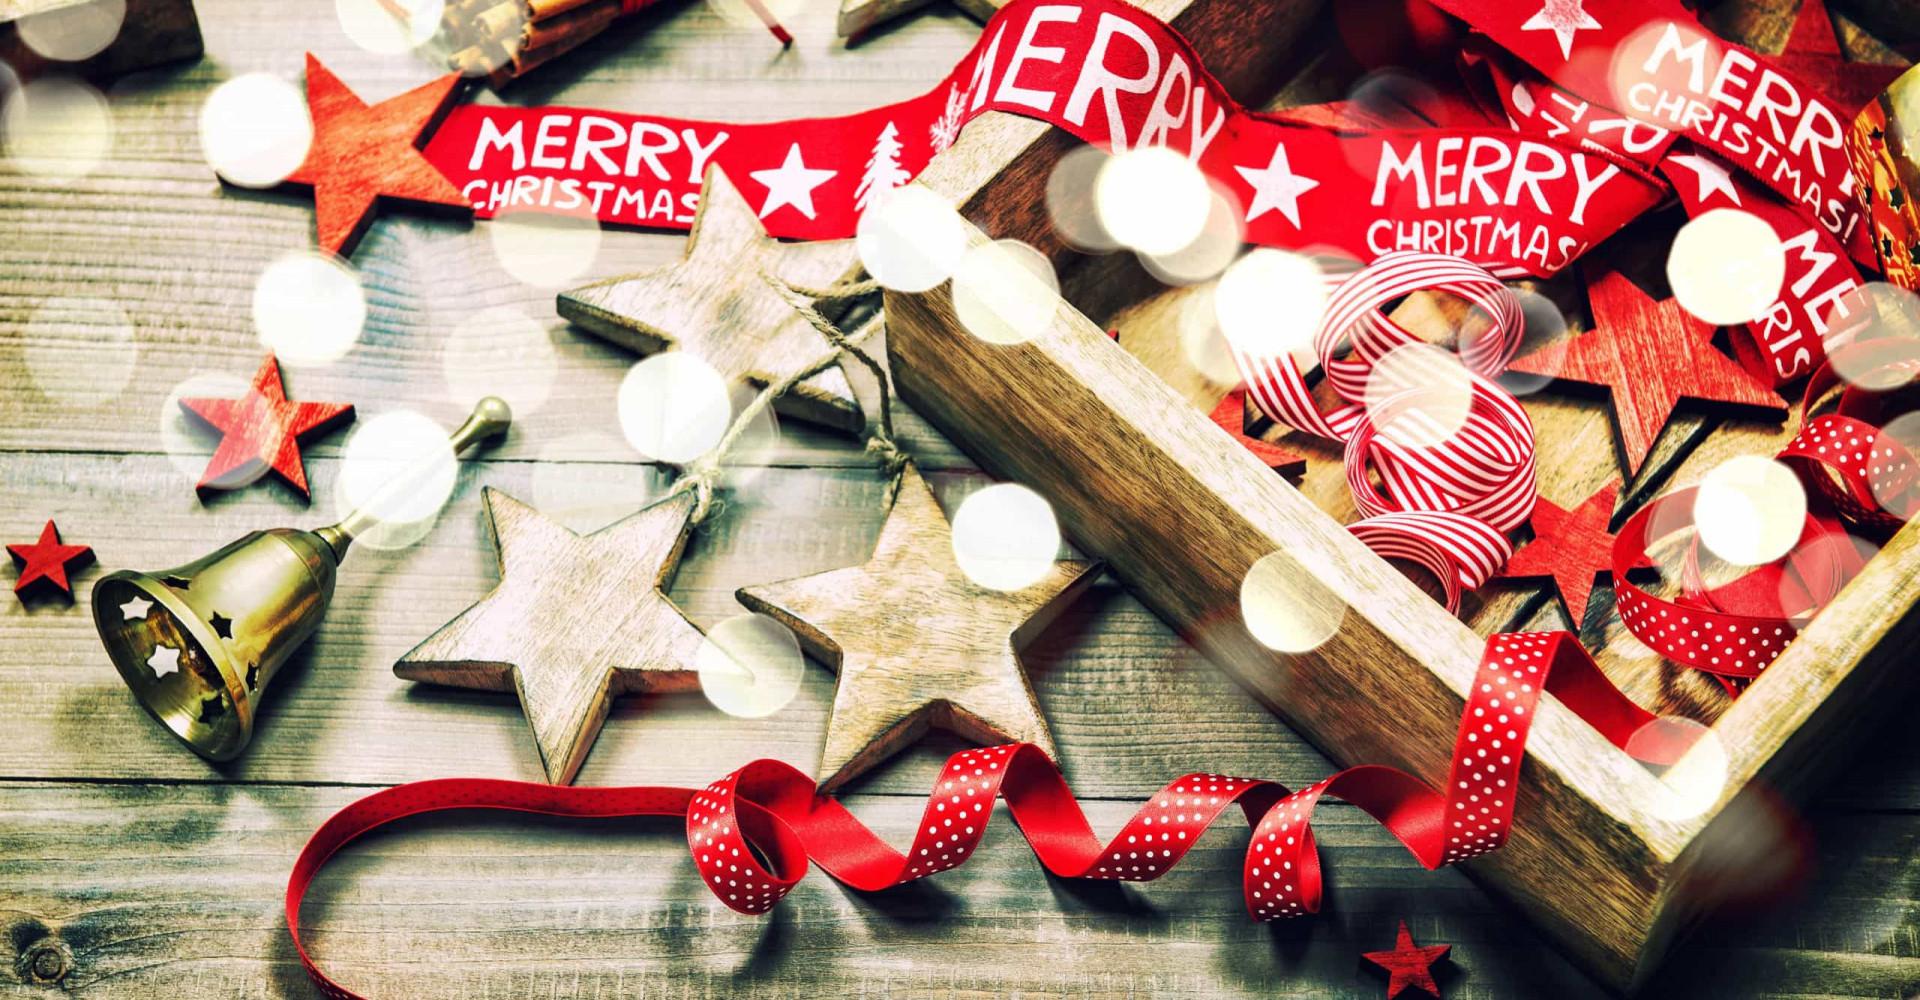 30 Tipps für festliche Weihnachtsdekorationen